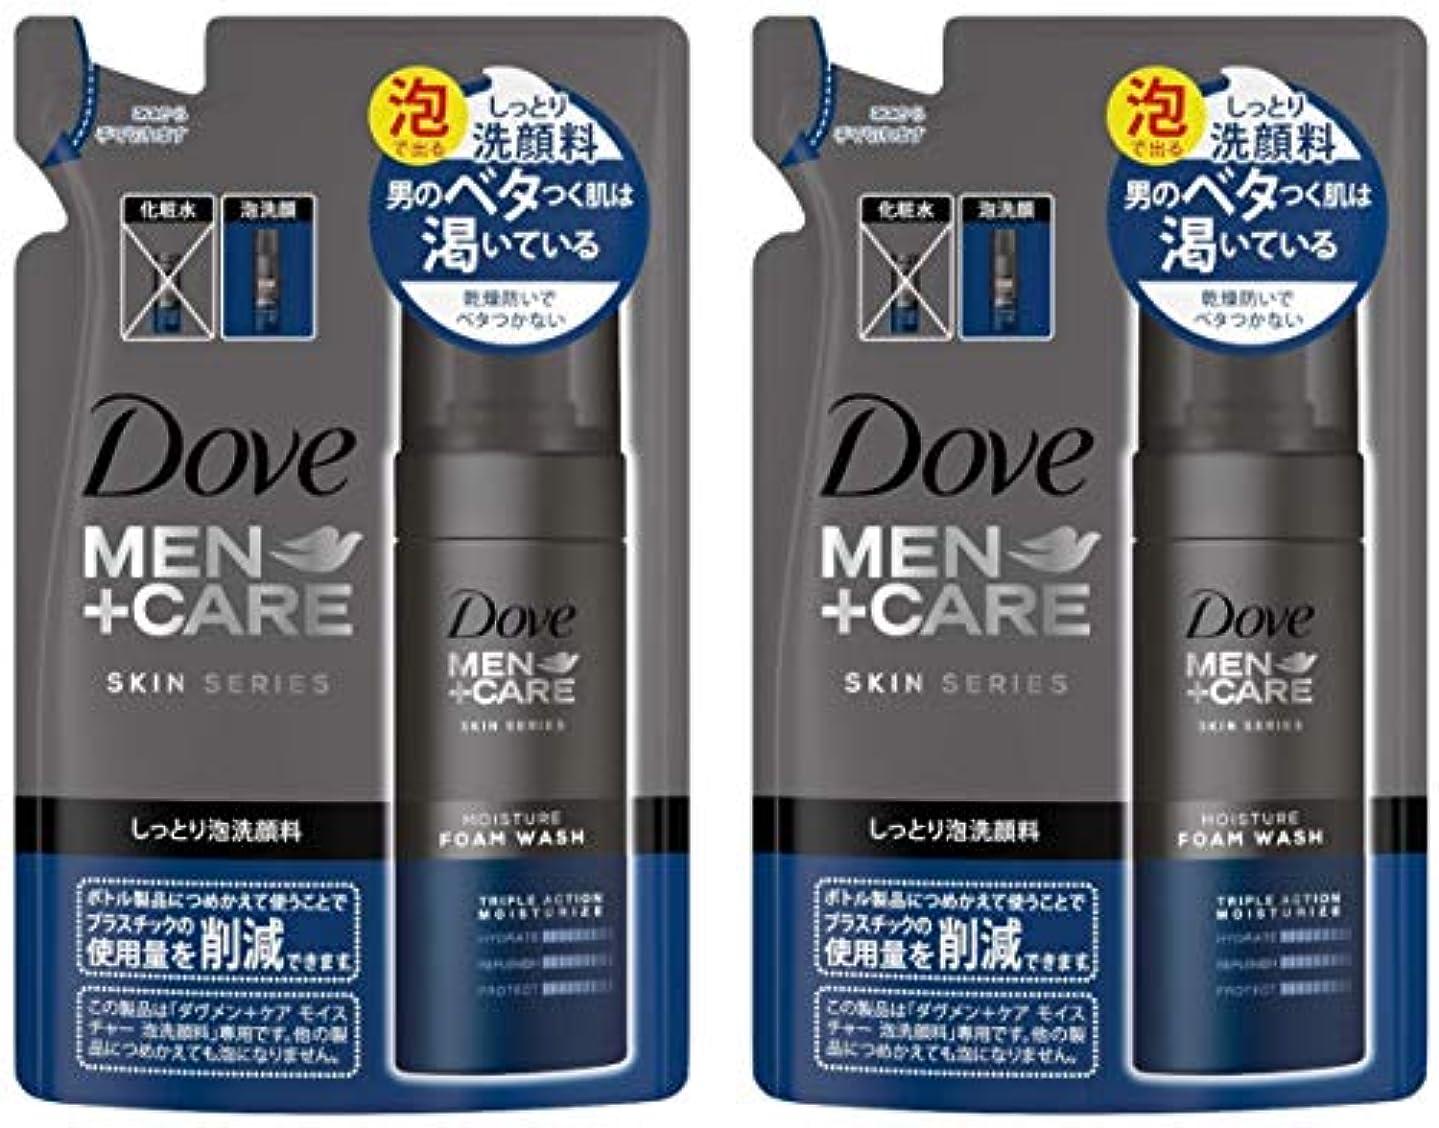 地域拒絶ラボ【まとめ買い】ダヴ メン+ケア モイスチャー 泡洗顔料 つめかえ用 120mL×2個